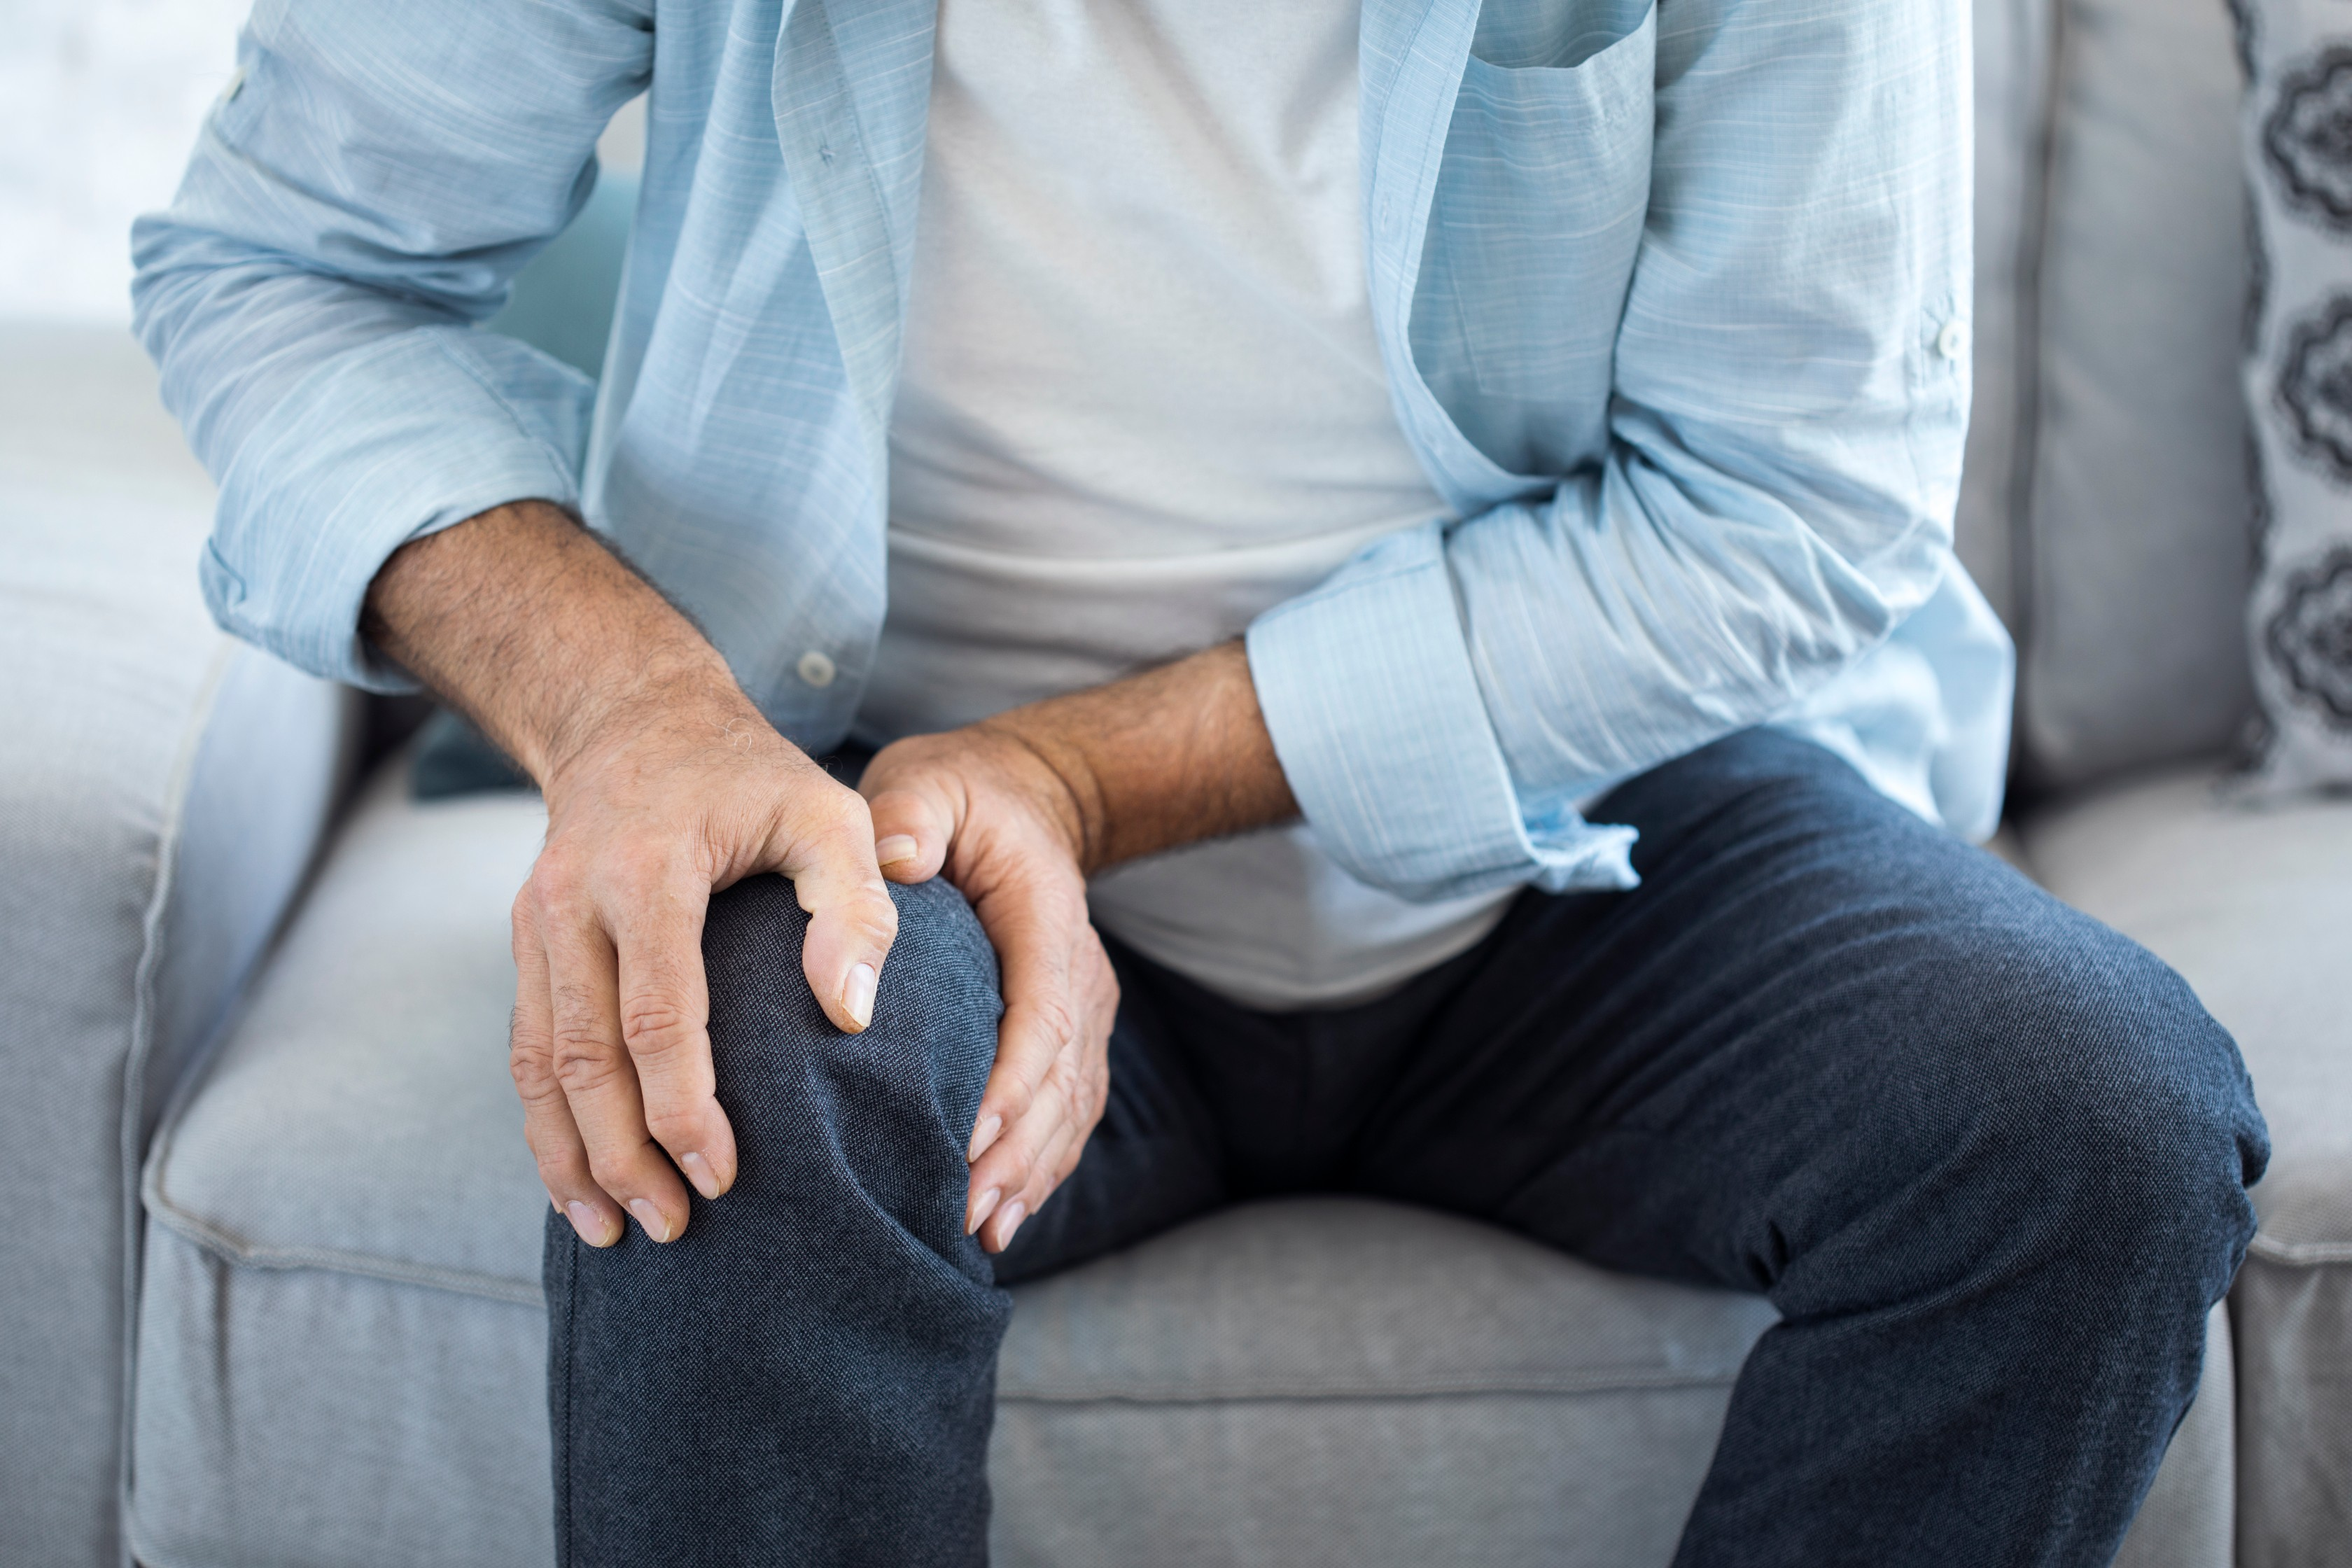 ízületek zsineg fájdalma csípőízületi kezelés és